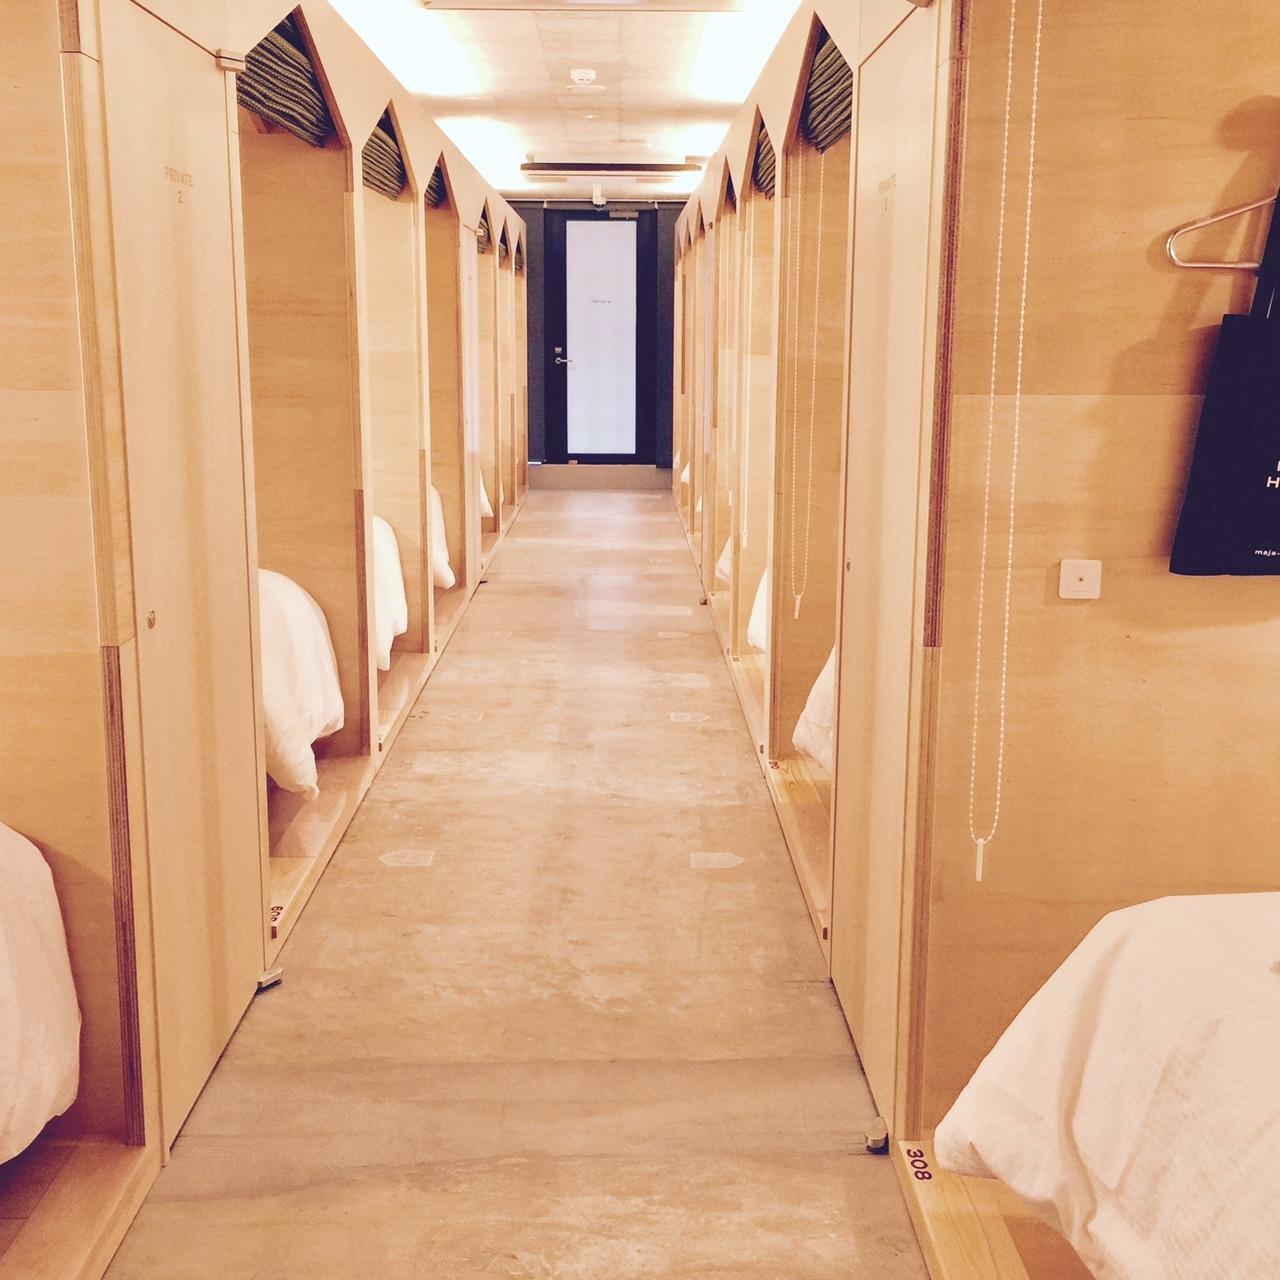 京都にできた北欧スタイルの宿、MAJA HOTEL KYOTOに泊まる!_1_4-10